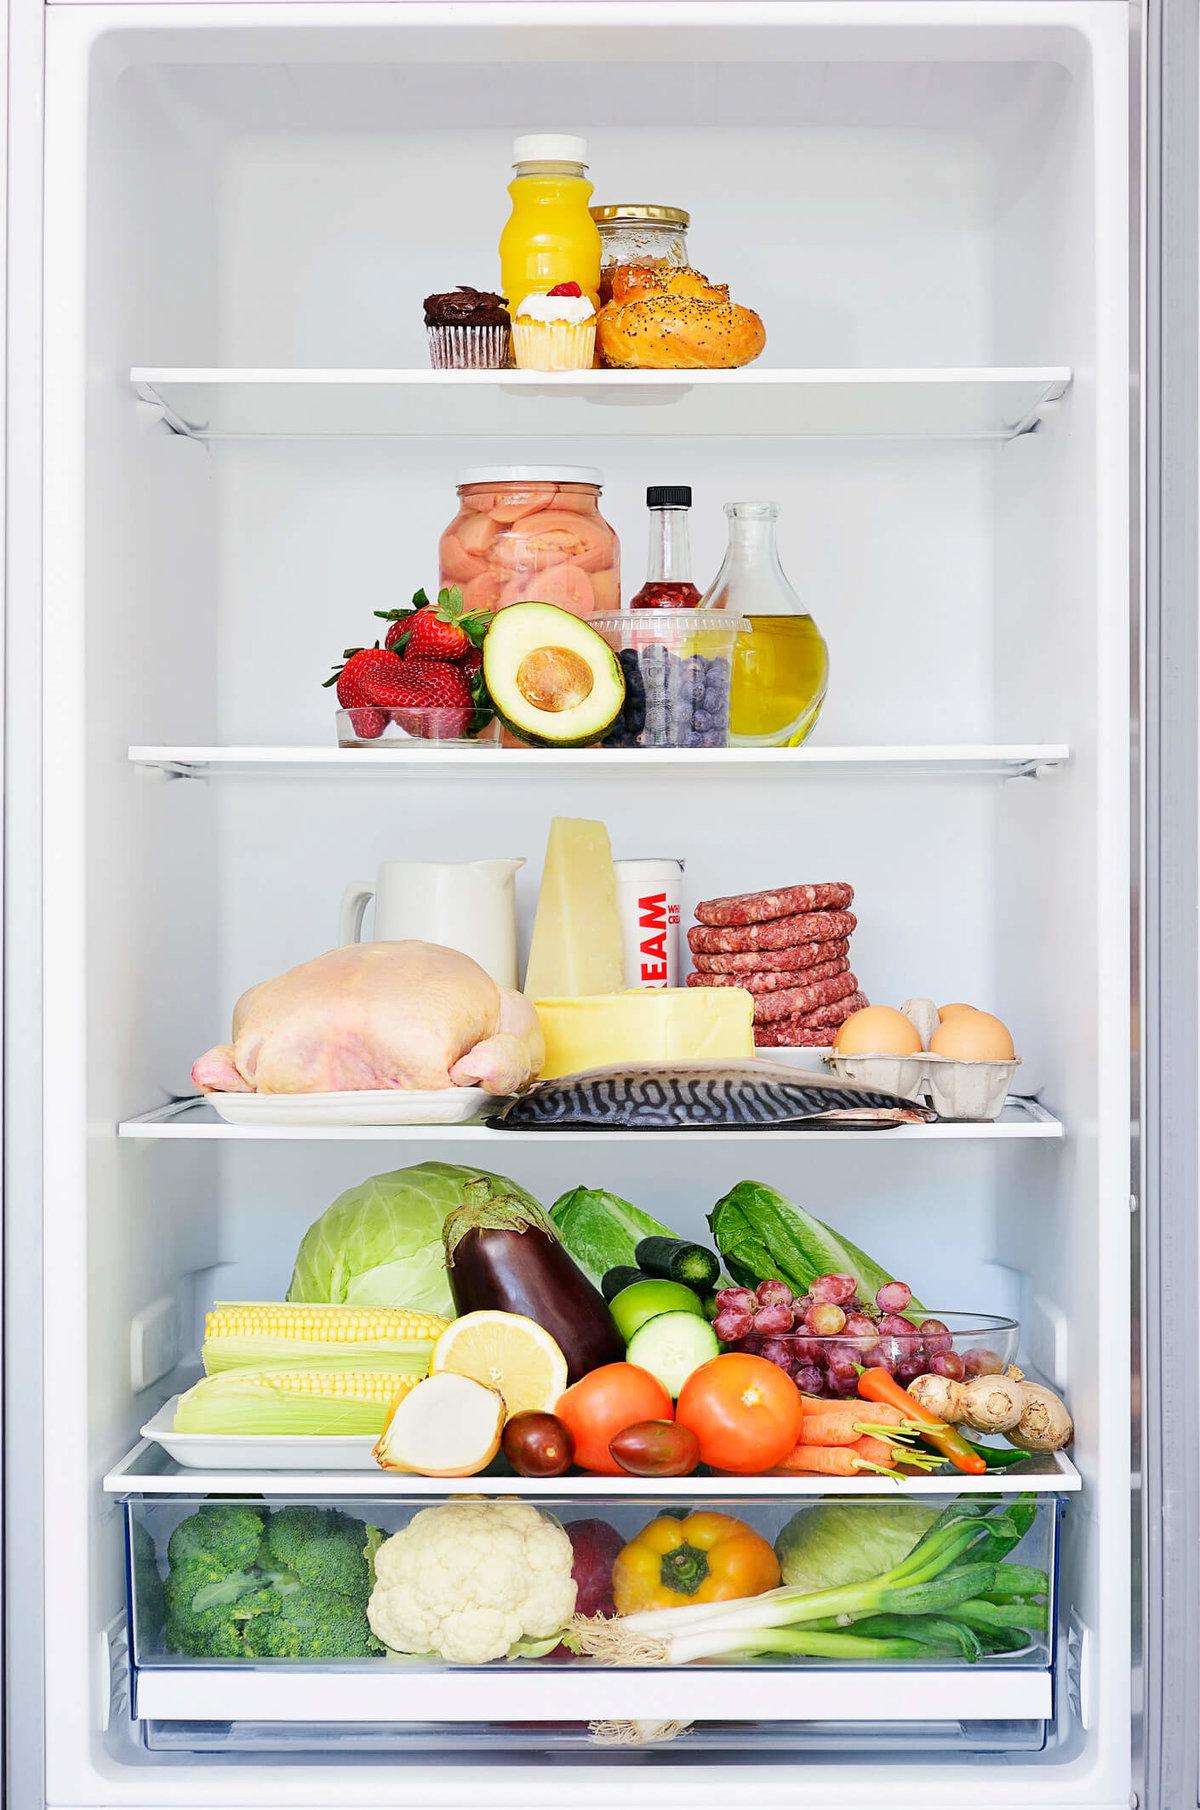 Открыток для, картинка холодильника с продуктами